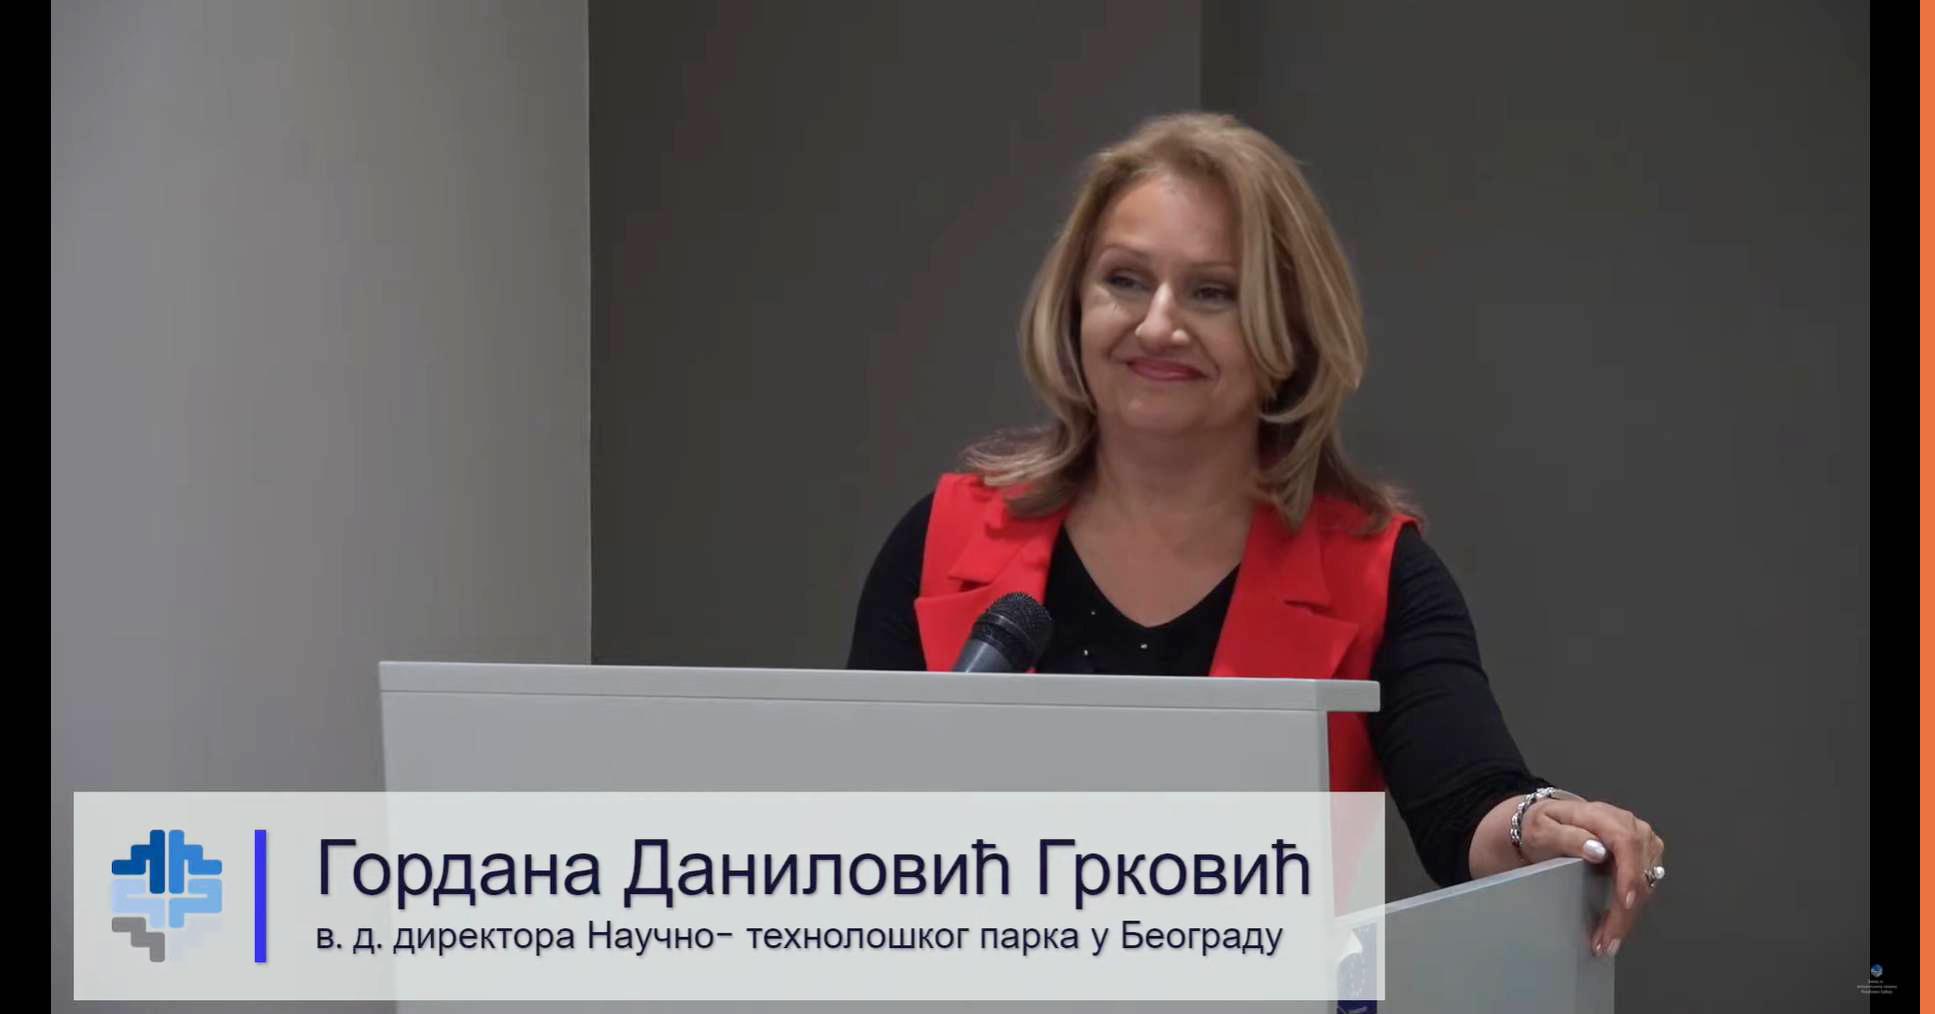 Jačanje kapaciteta u oblasti prava zaštite intelektualne svojine – NTP Beograd i ZIS potpisali Memorandum o saradnji